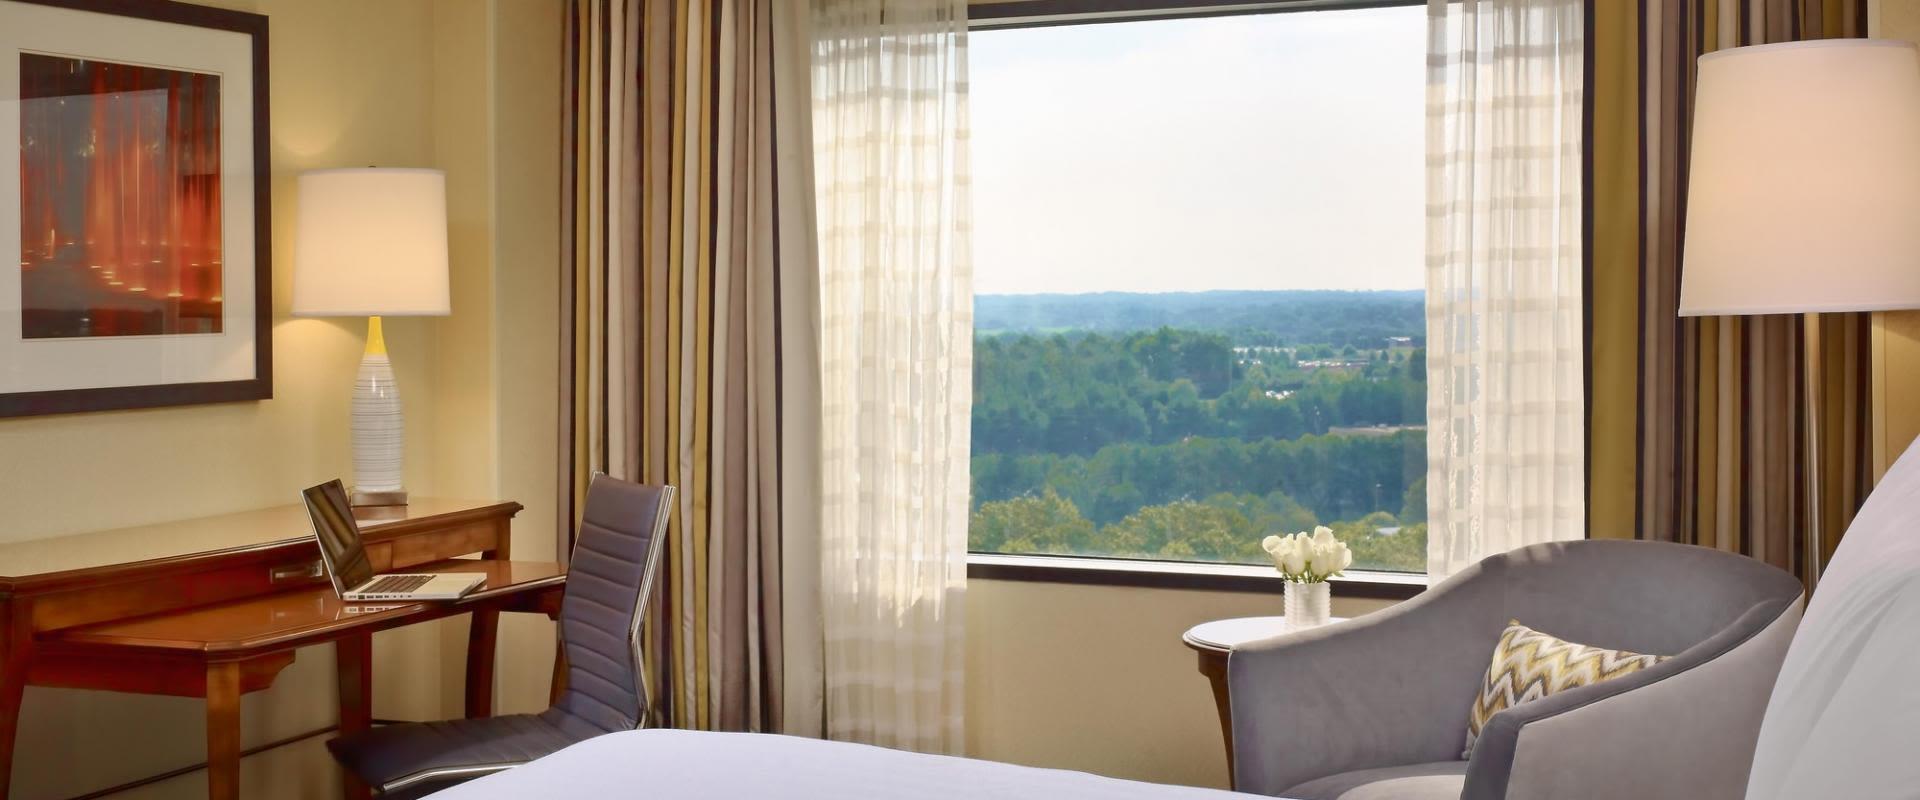 Sonesta Gwinnett Place Atlanta - Rooms